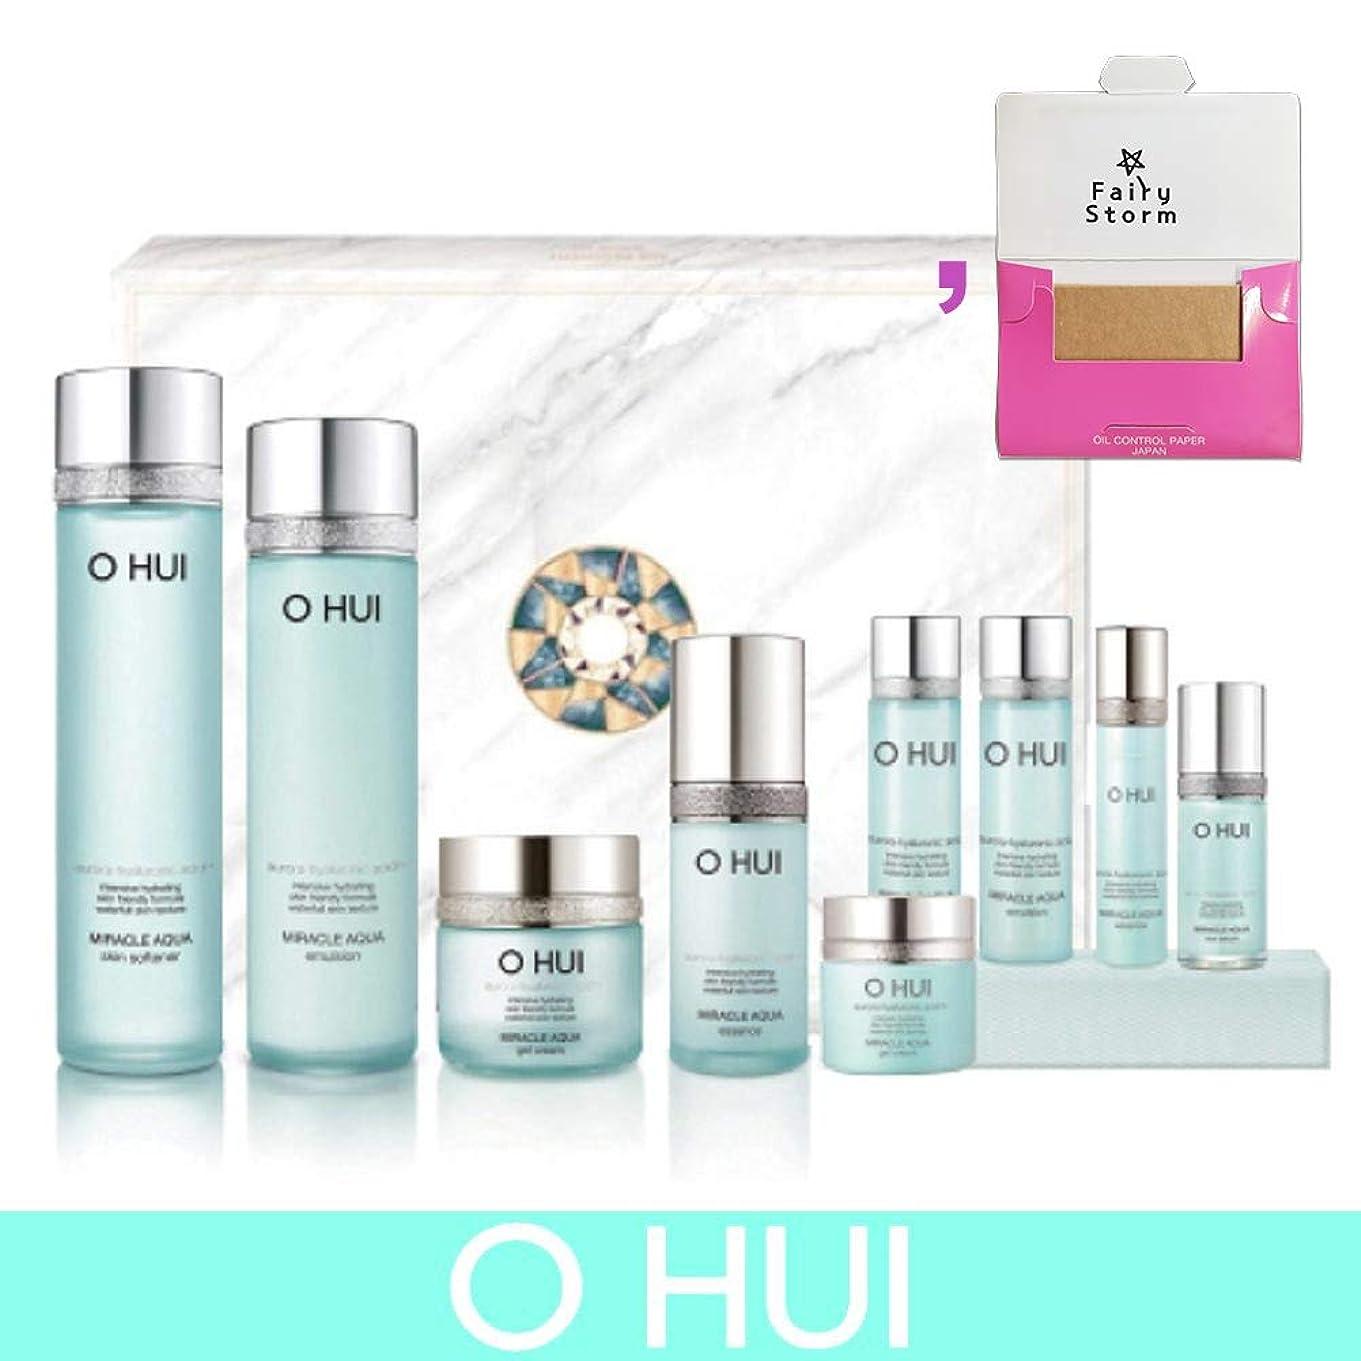 超える英語の授業がありますオートマトン[オフィ/O HUI]韓国化粧品 LG生活健康/O HUI MIRACLE AQUA SPECIAL 4EA SET/ミラクル アクア 4種セット + [Sample Gift](海外直送品)